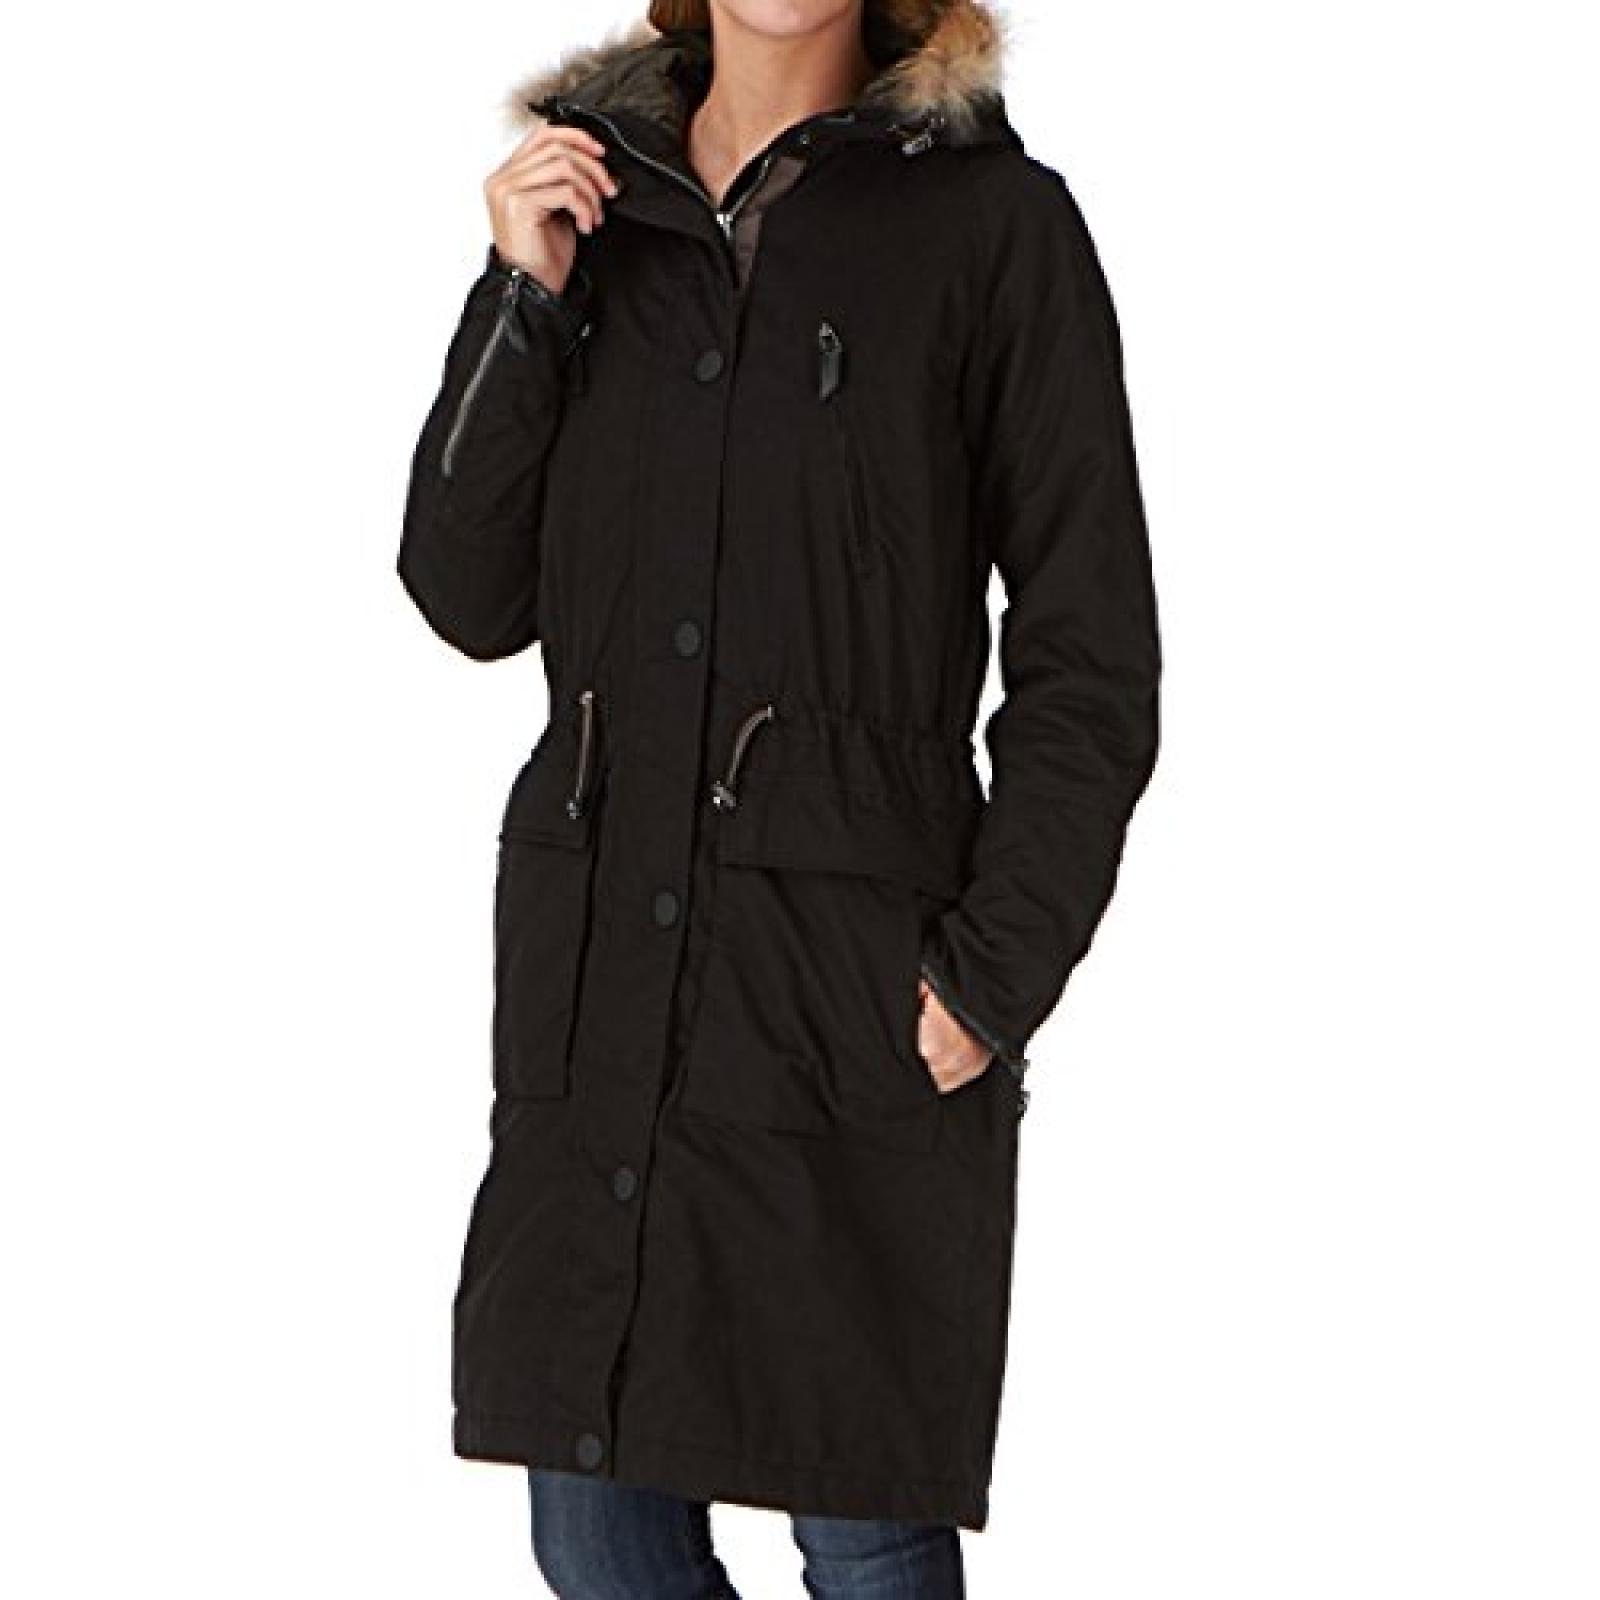 Ilse Jacobsen Parka 1 Jacket - Black